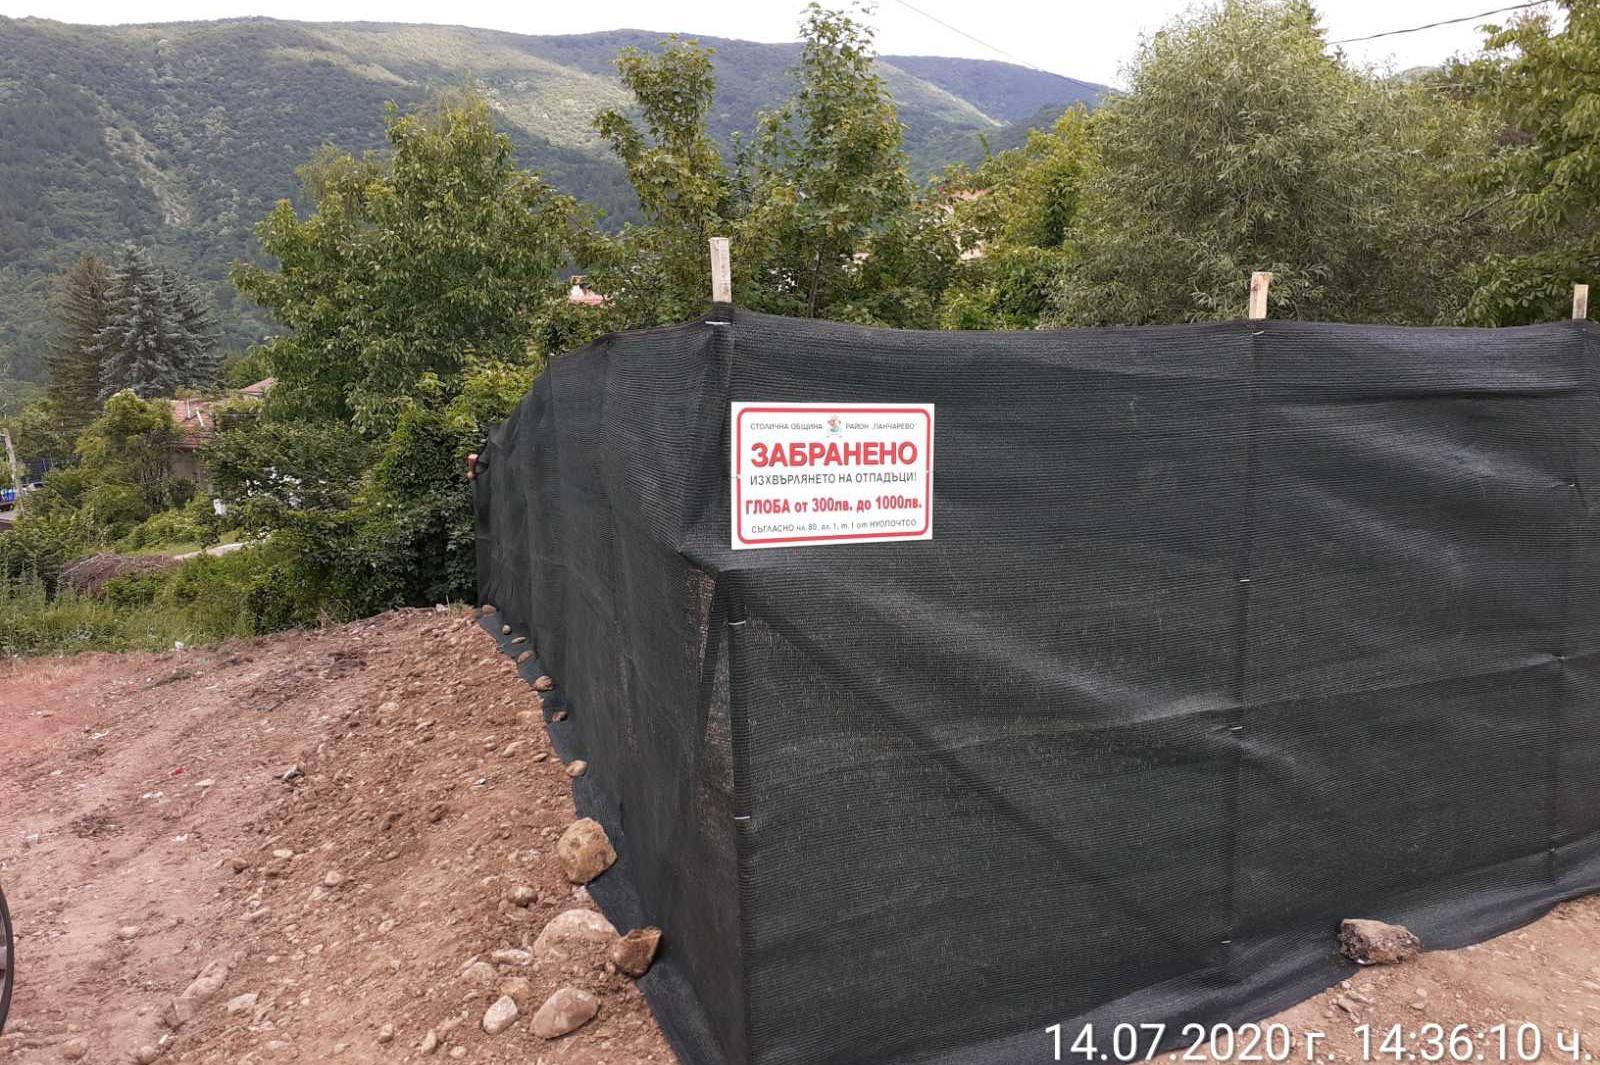 Столичен инспекторат постави заграждения за боклука в Кокляне